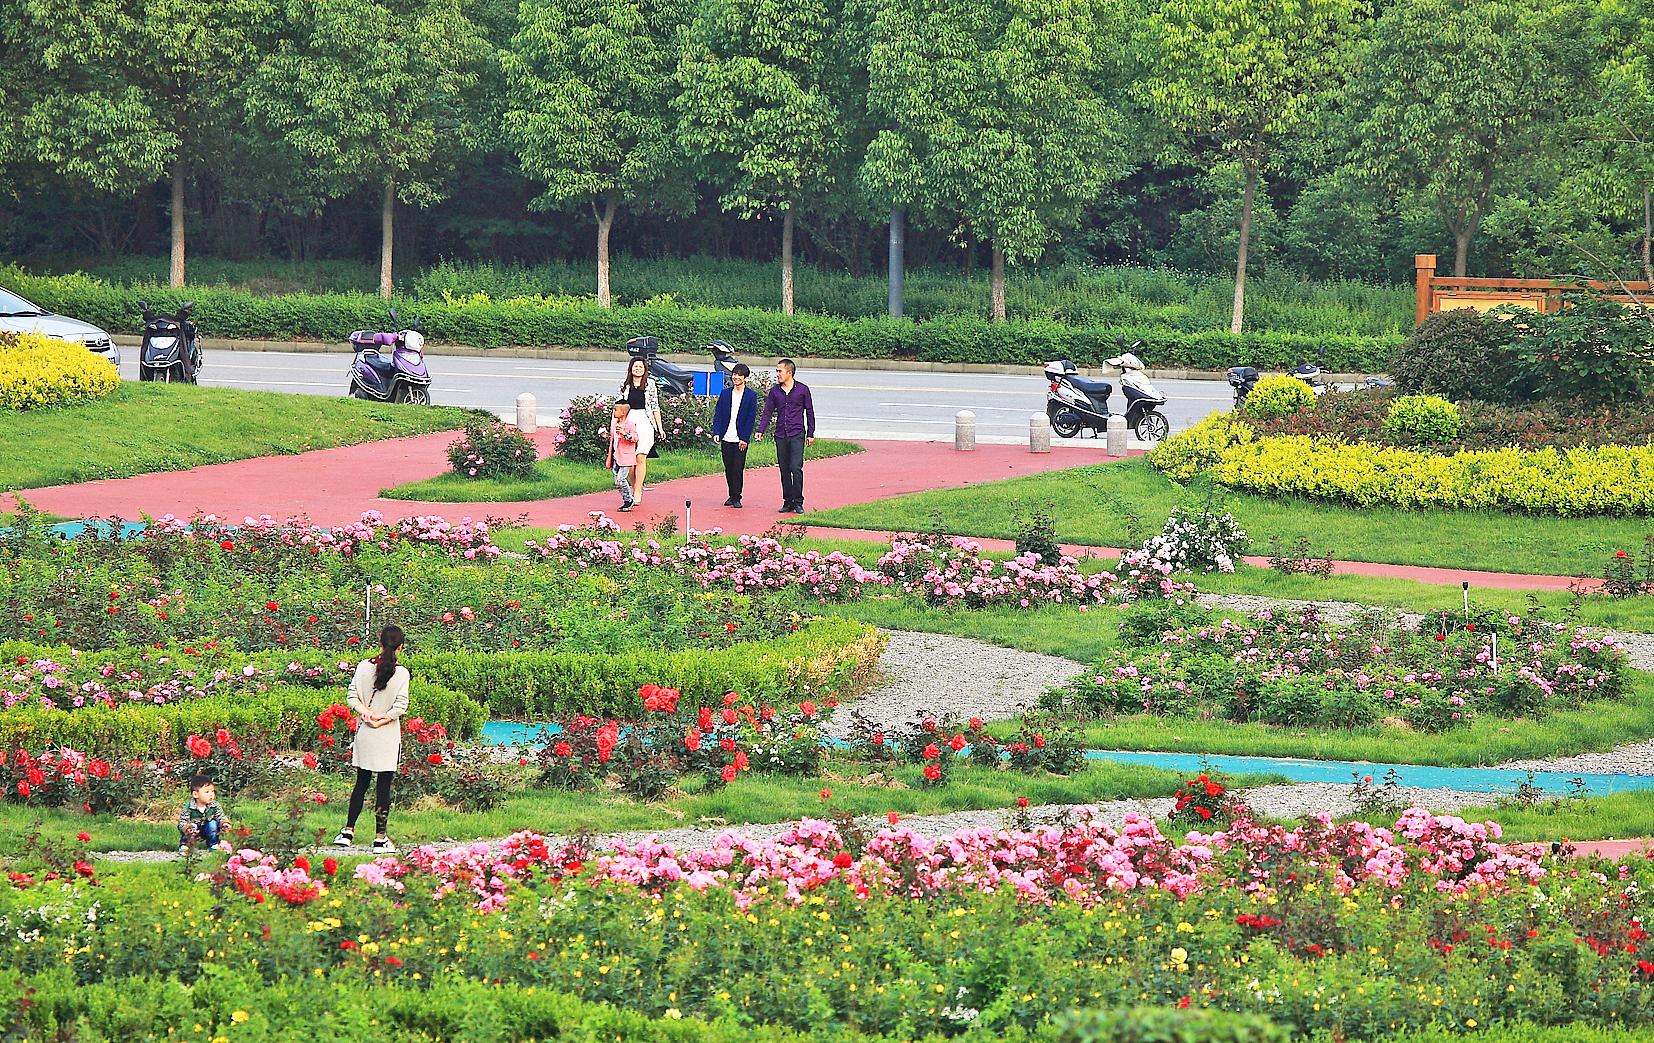 58盐龙湖生态示范园玫瑰园IMG_0627.JPG